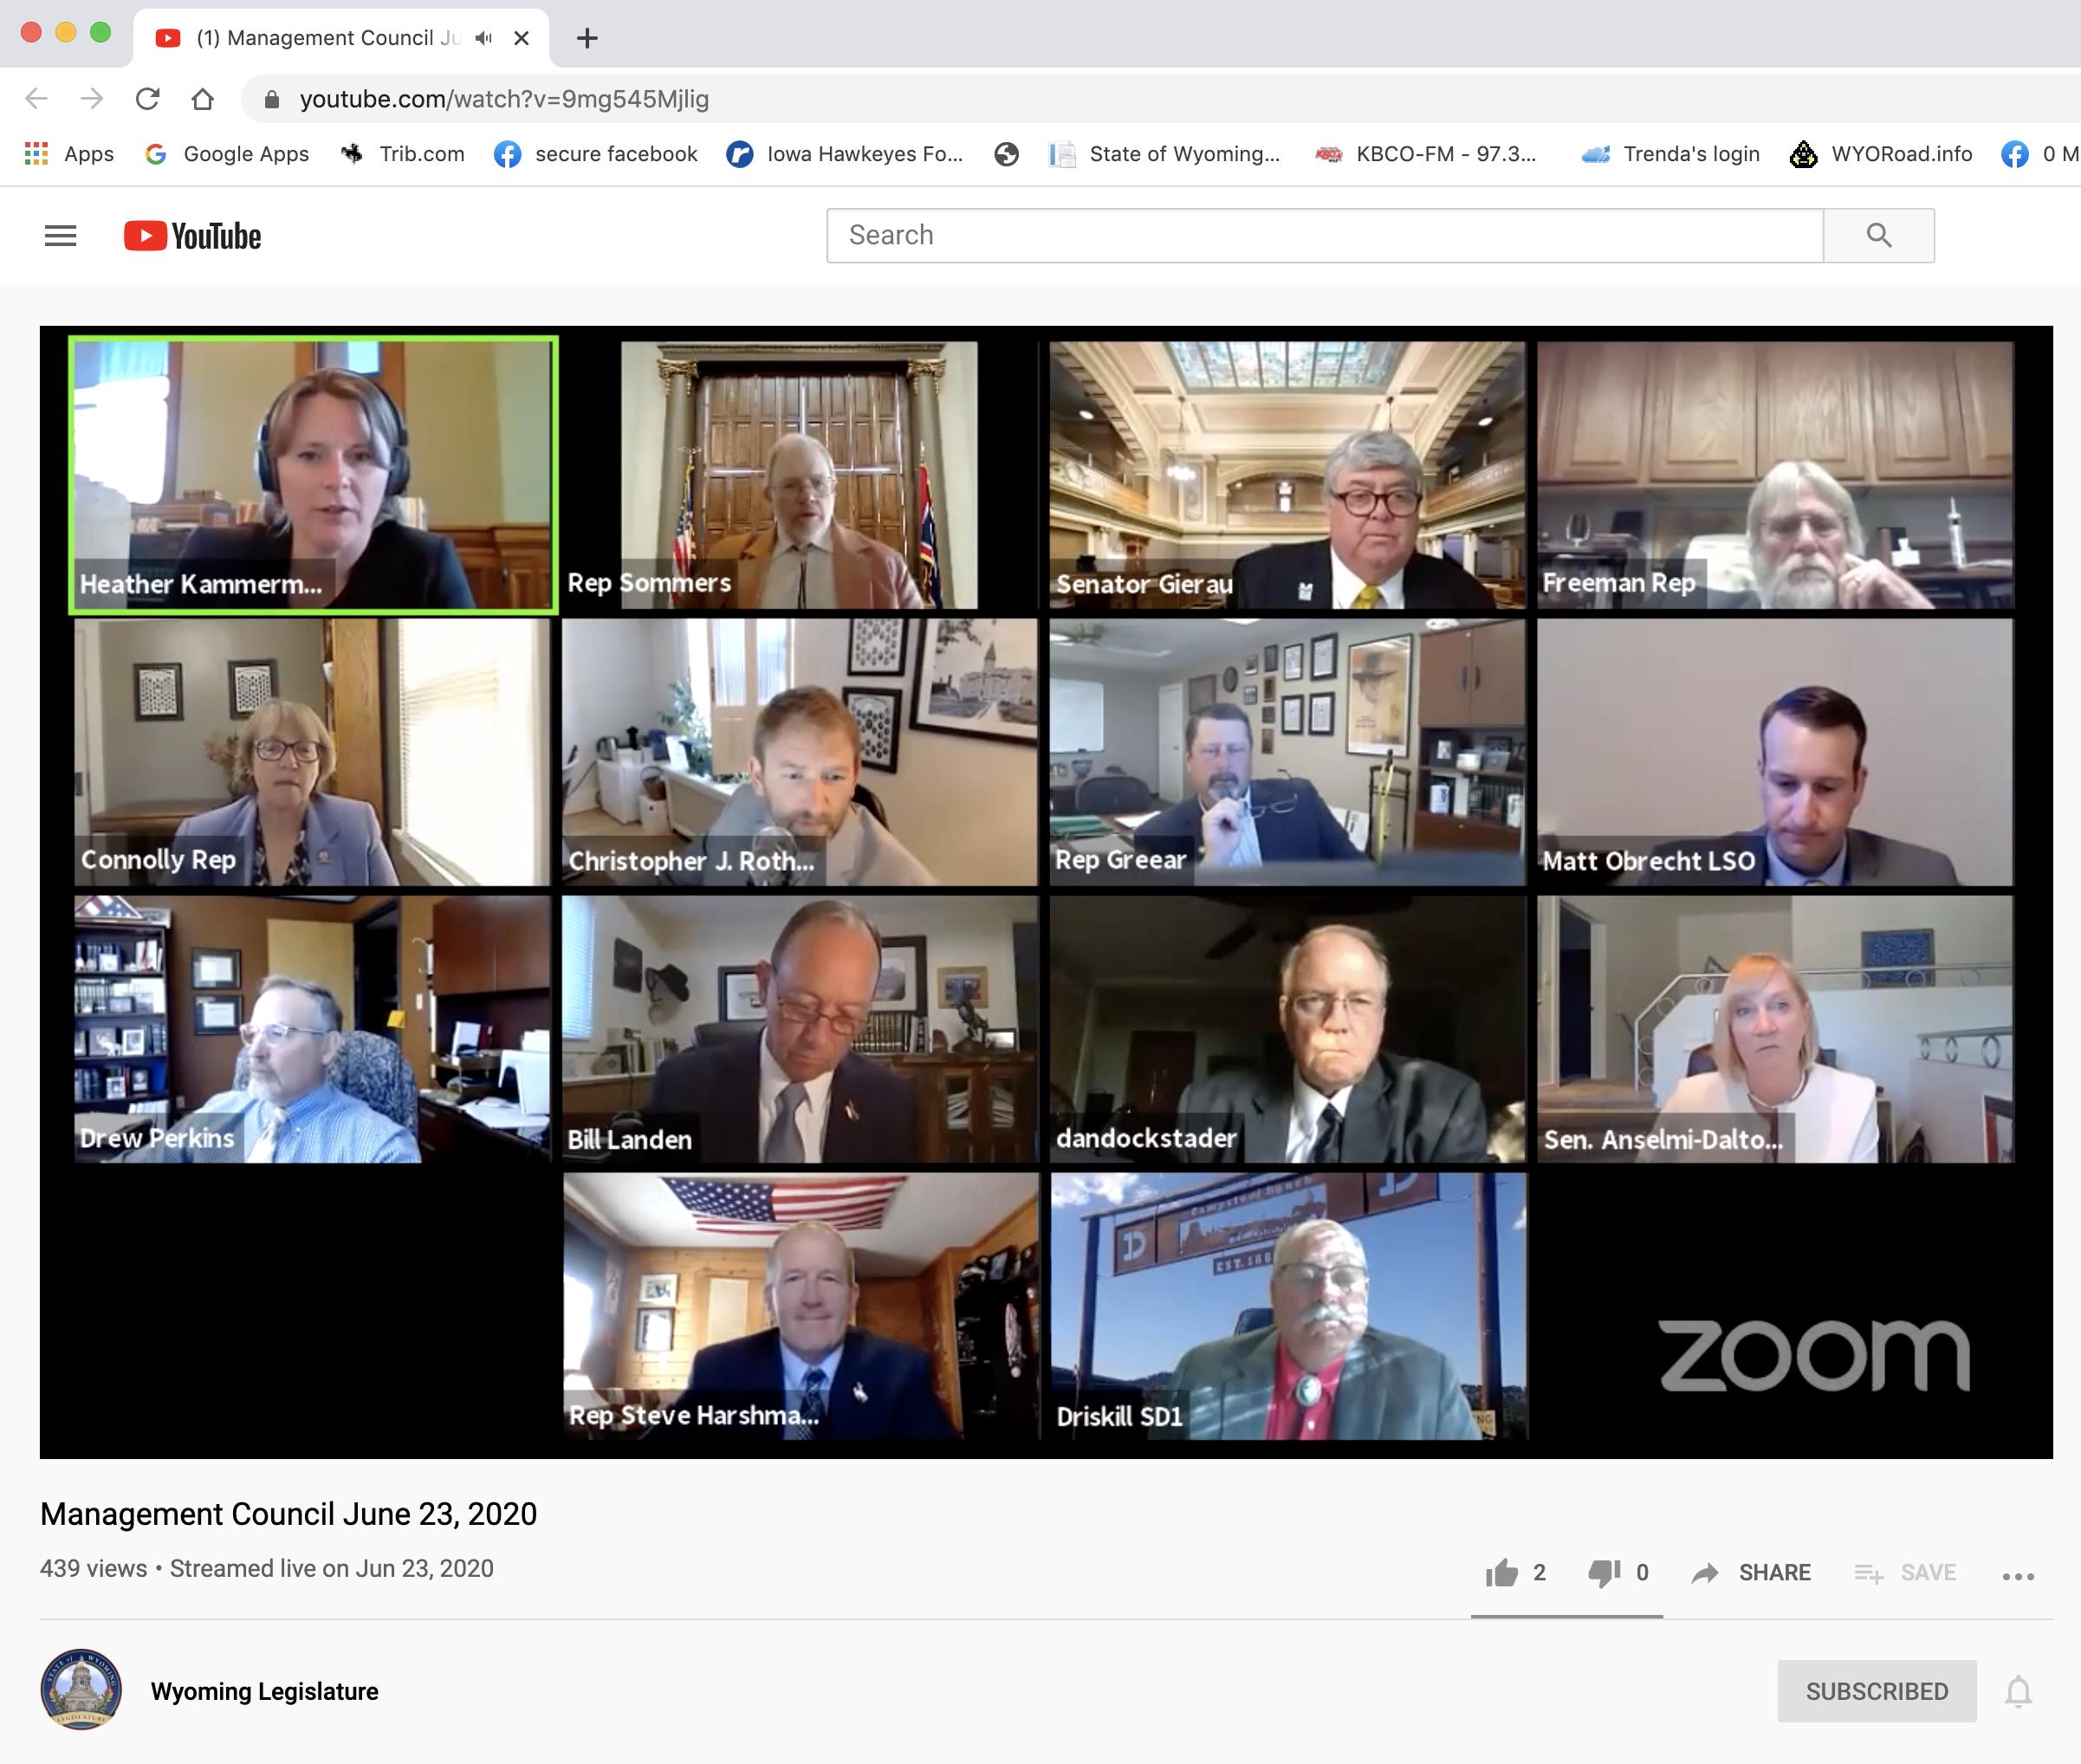 Screen Shot 2020-06-25 at 11.55.02 AM.png